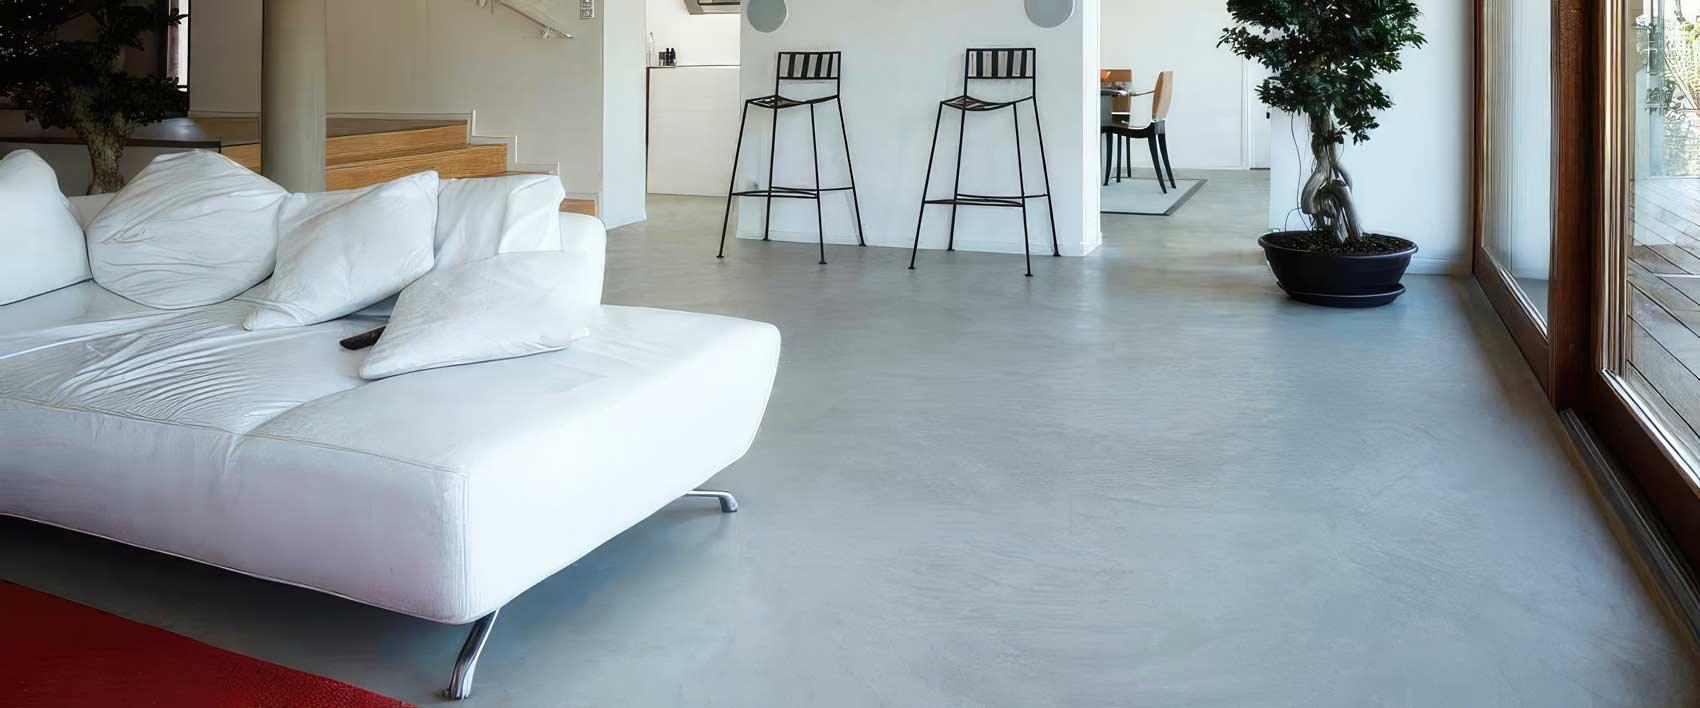 Differenza tra pavimento in resina e cemento di diverso tipo for Pavimenti moderni per interni